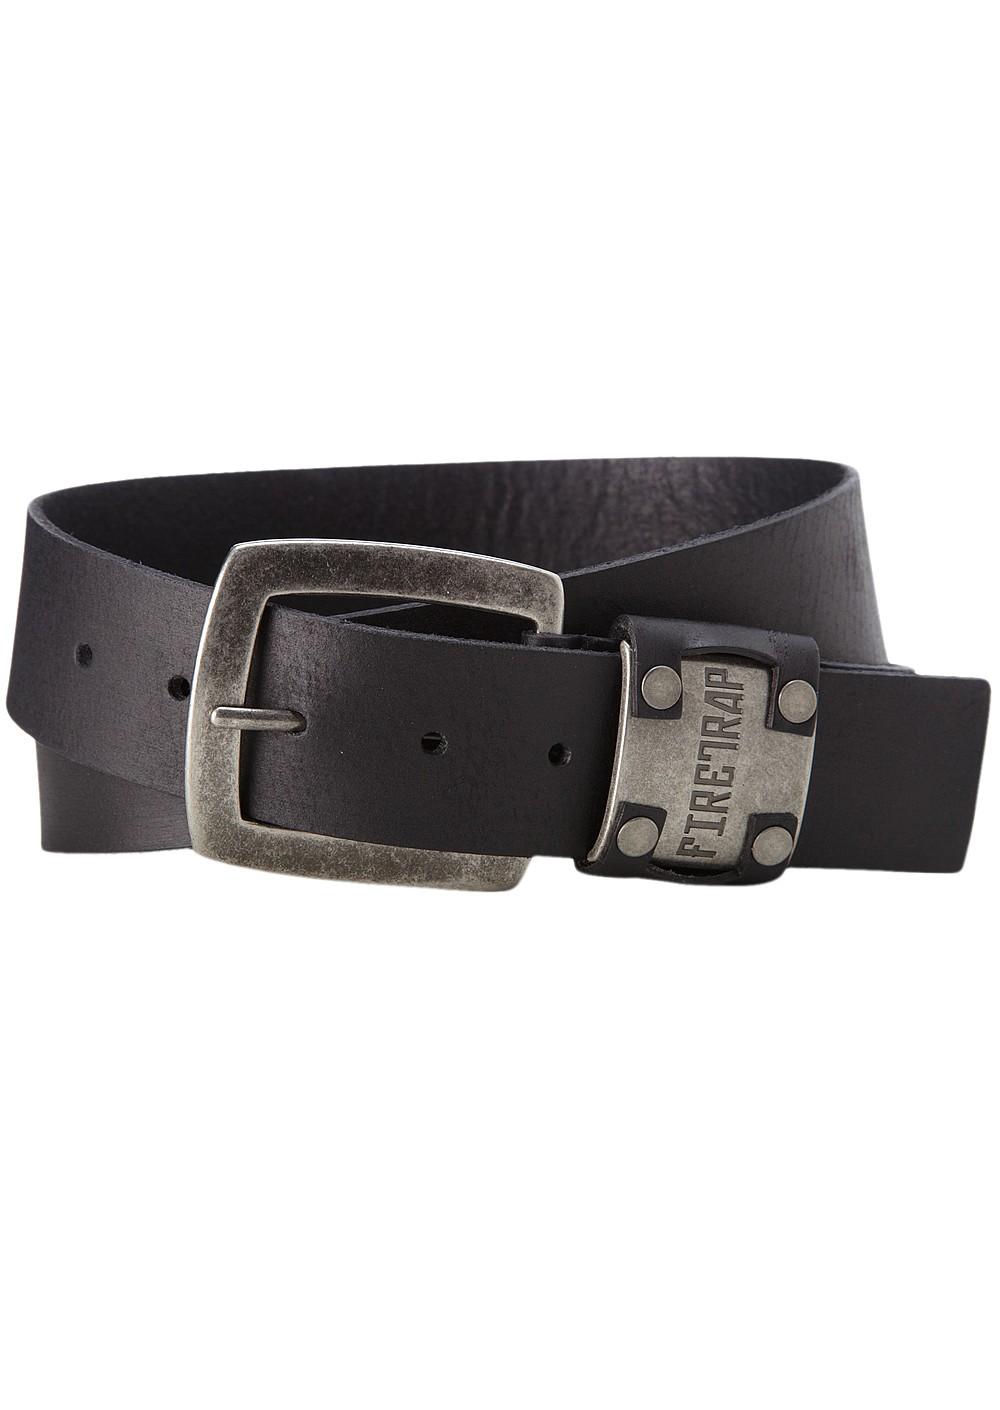 Firetrap accessories